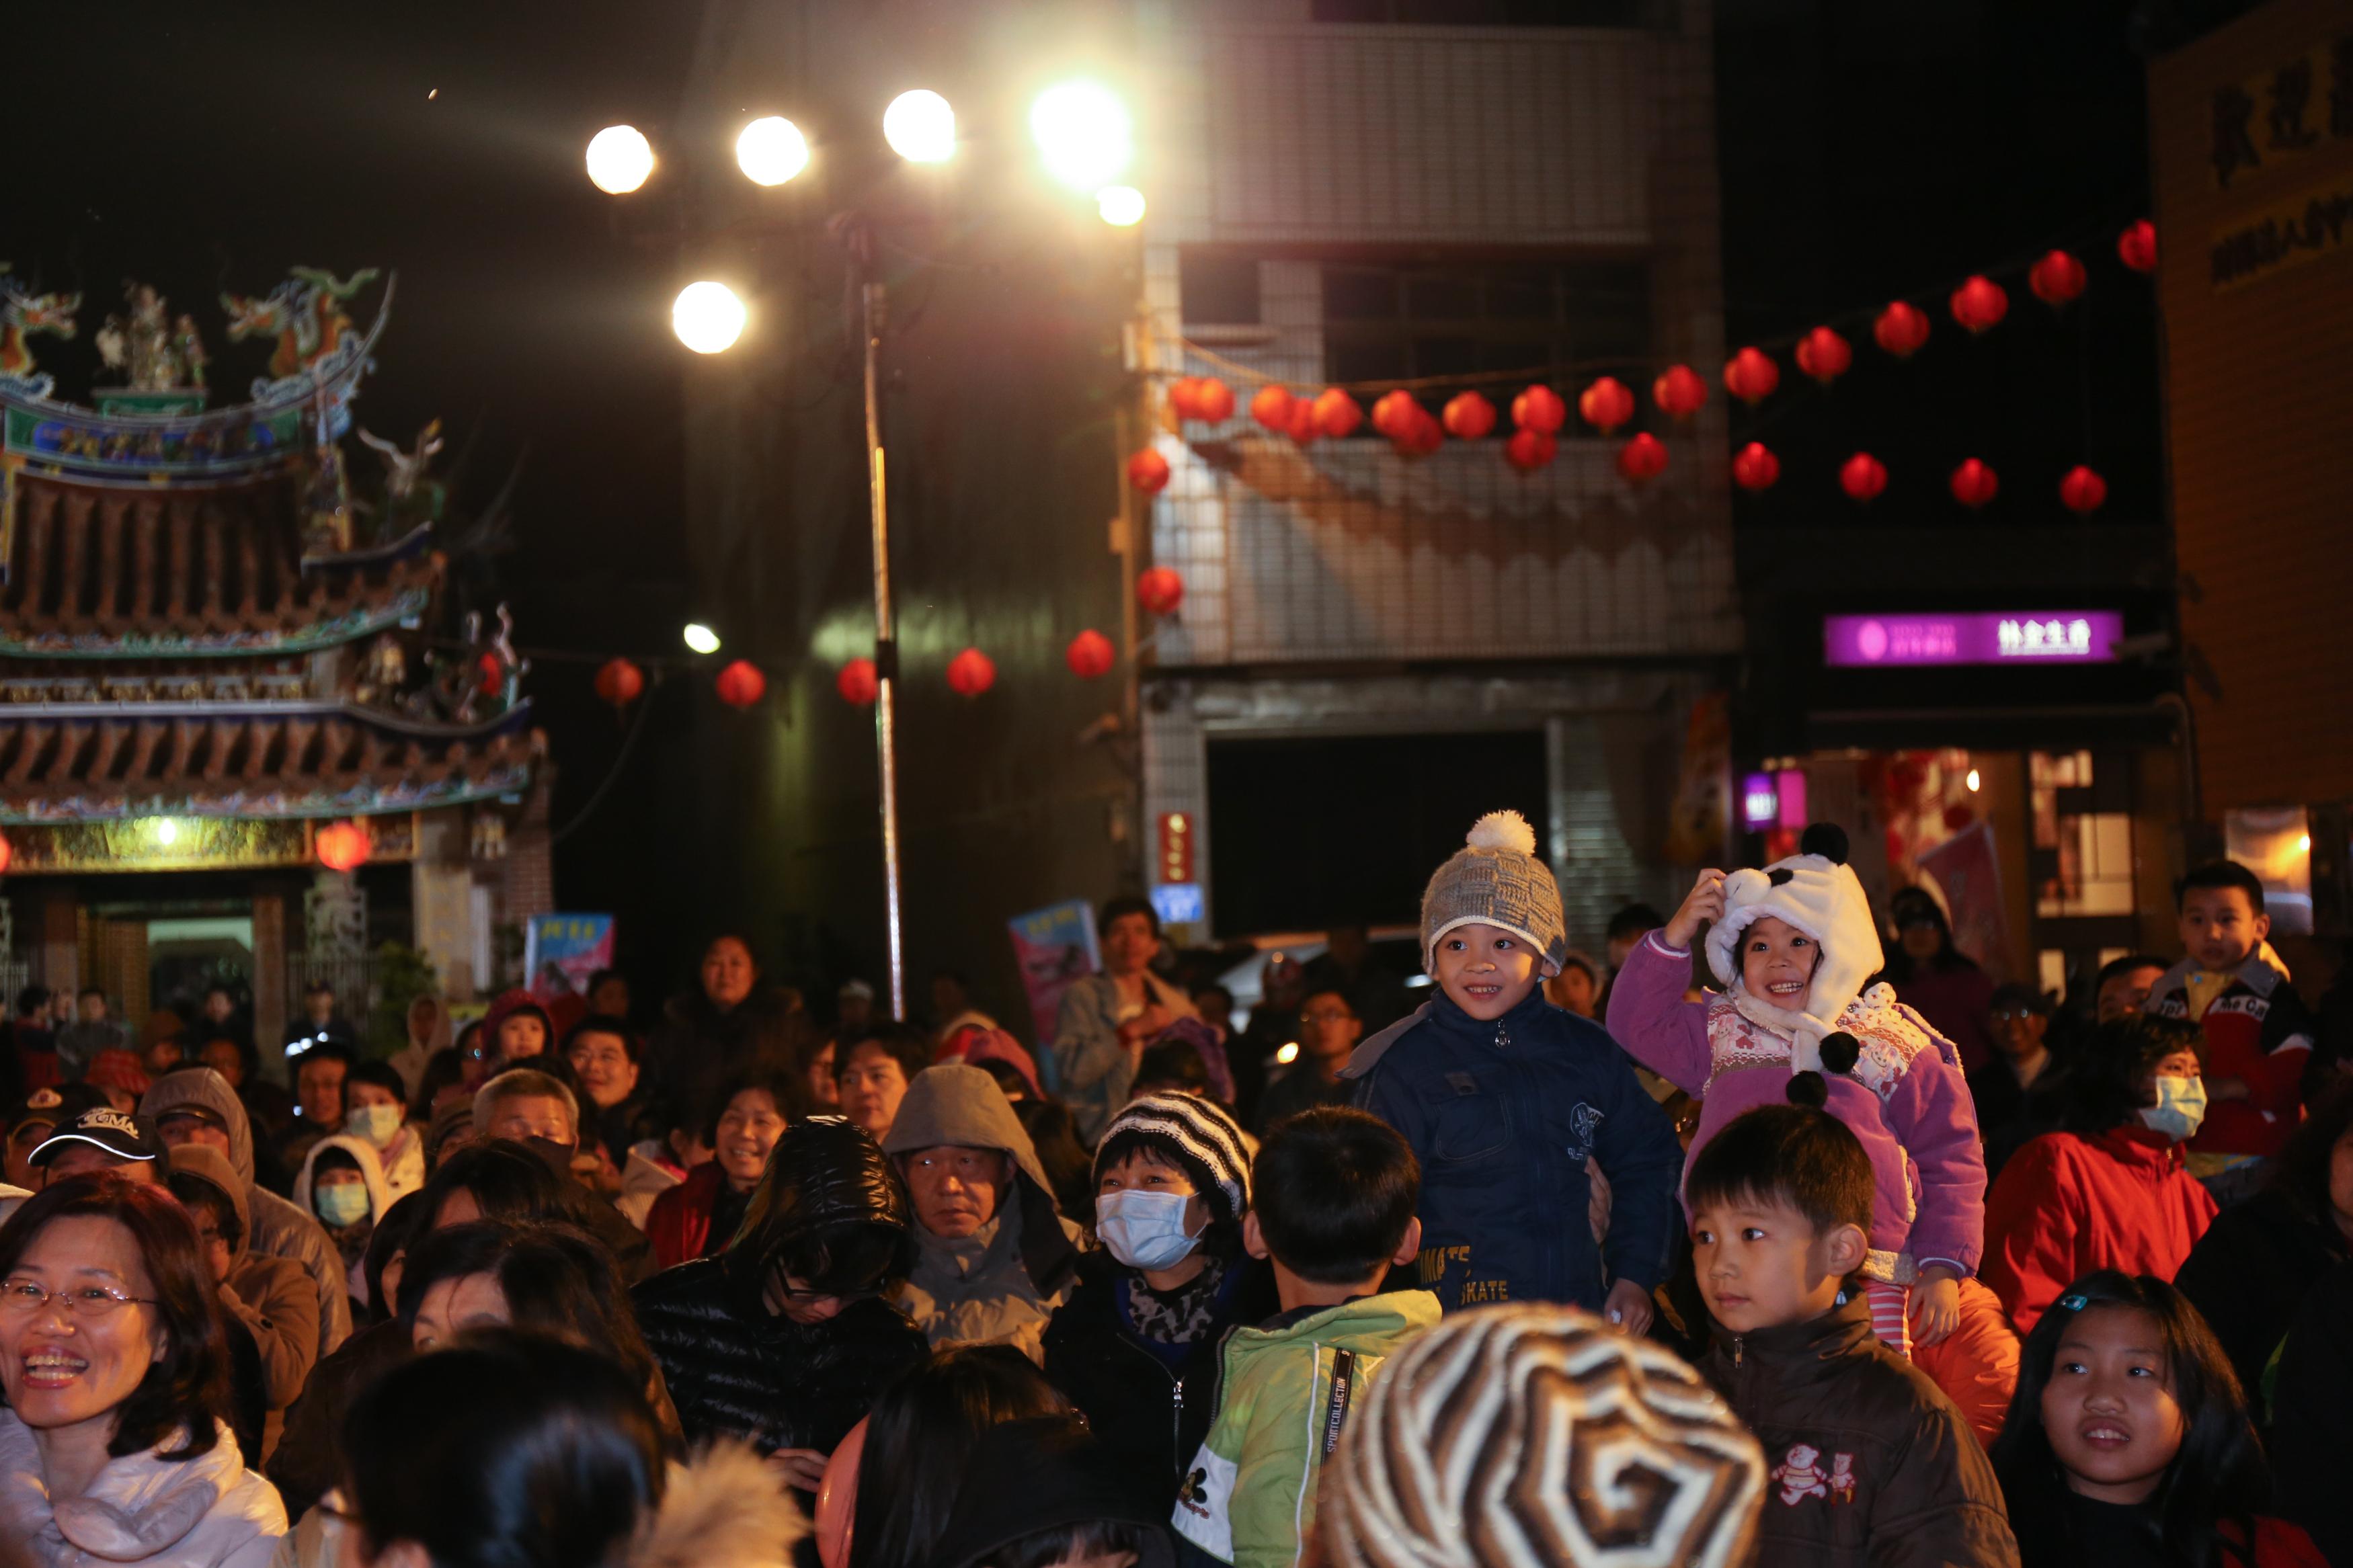 台中媽祖國際觀光文化節在萬和宮,台中婚錄推薦12